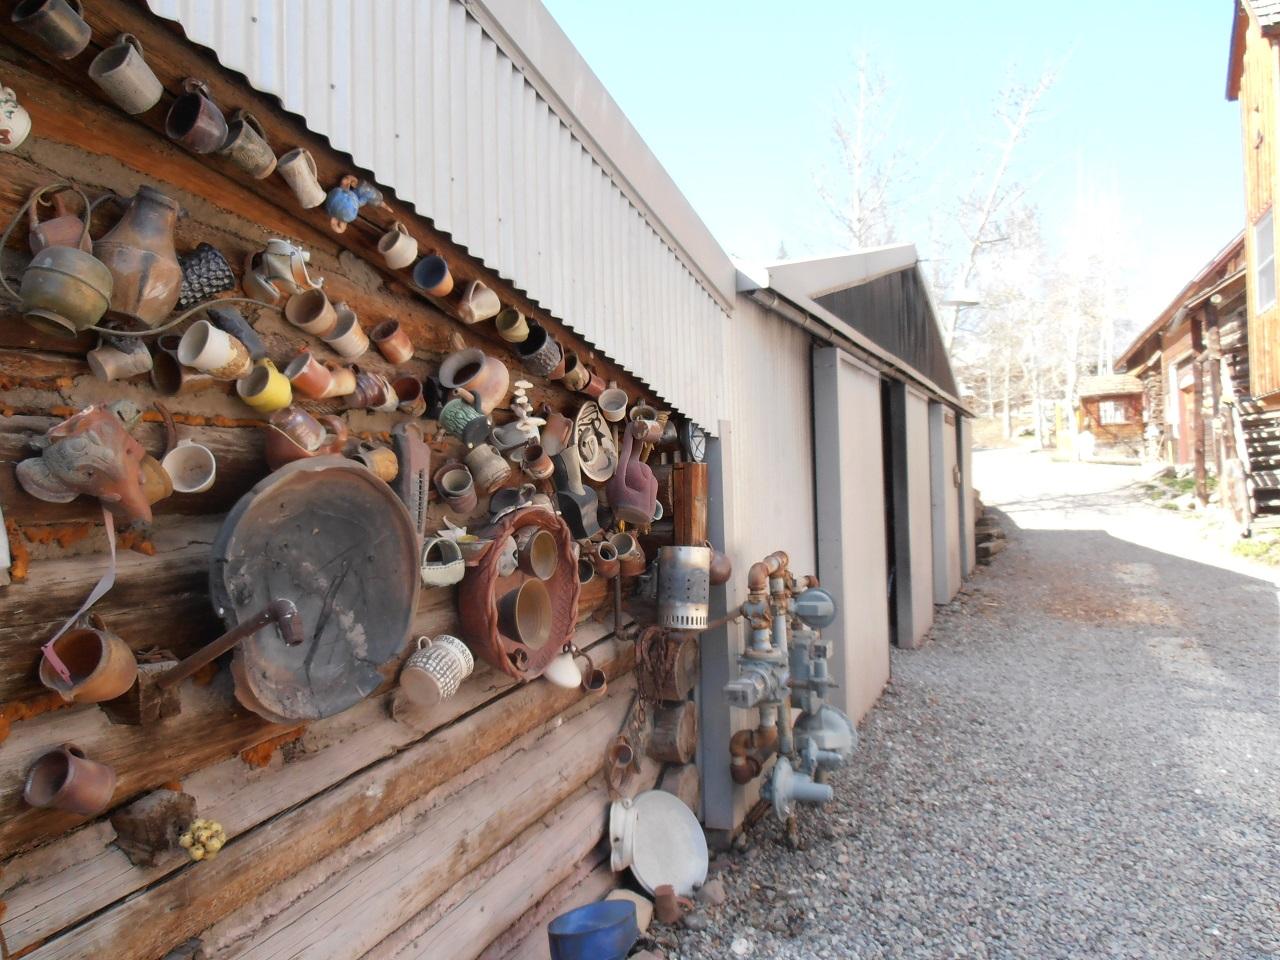 Kiln shed at Anderson Ranch Arts Center